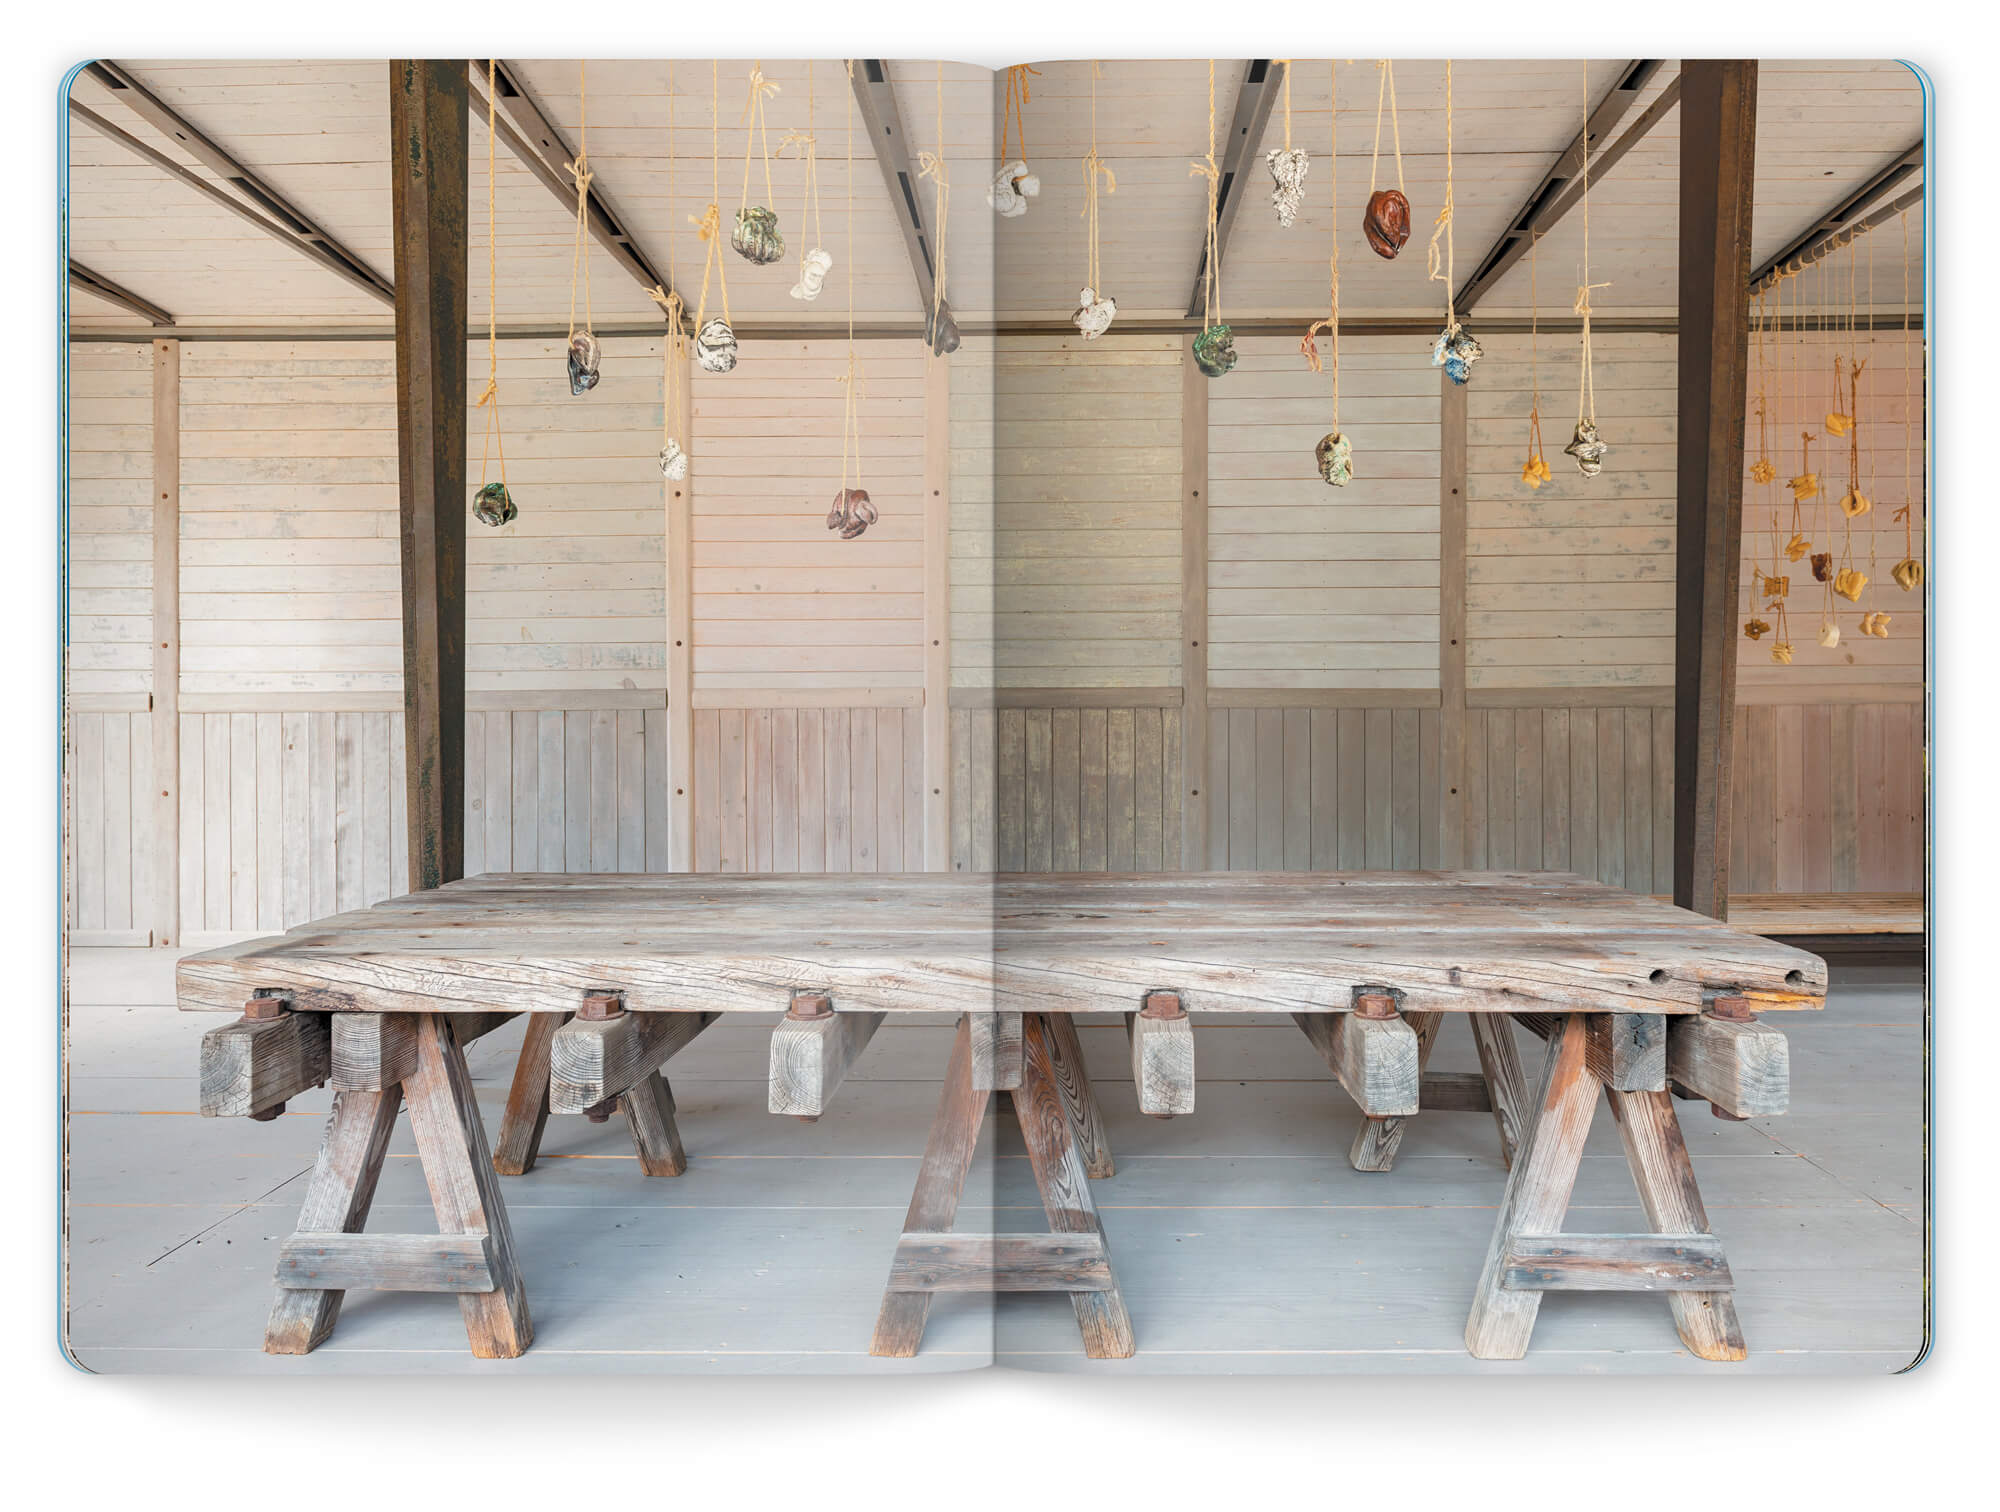 Rakus et Savons, l'œuvre de Myriam Mihindou exposé dans le Pavillon 6x9 de Jean Prouvé à la Friche de l'Escalette.